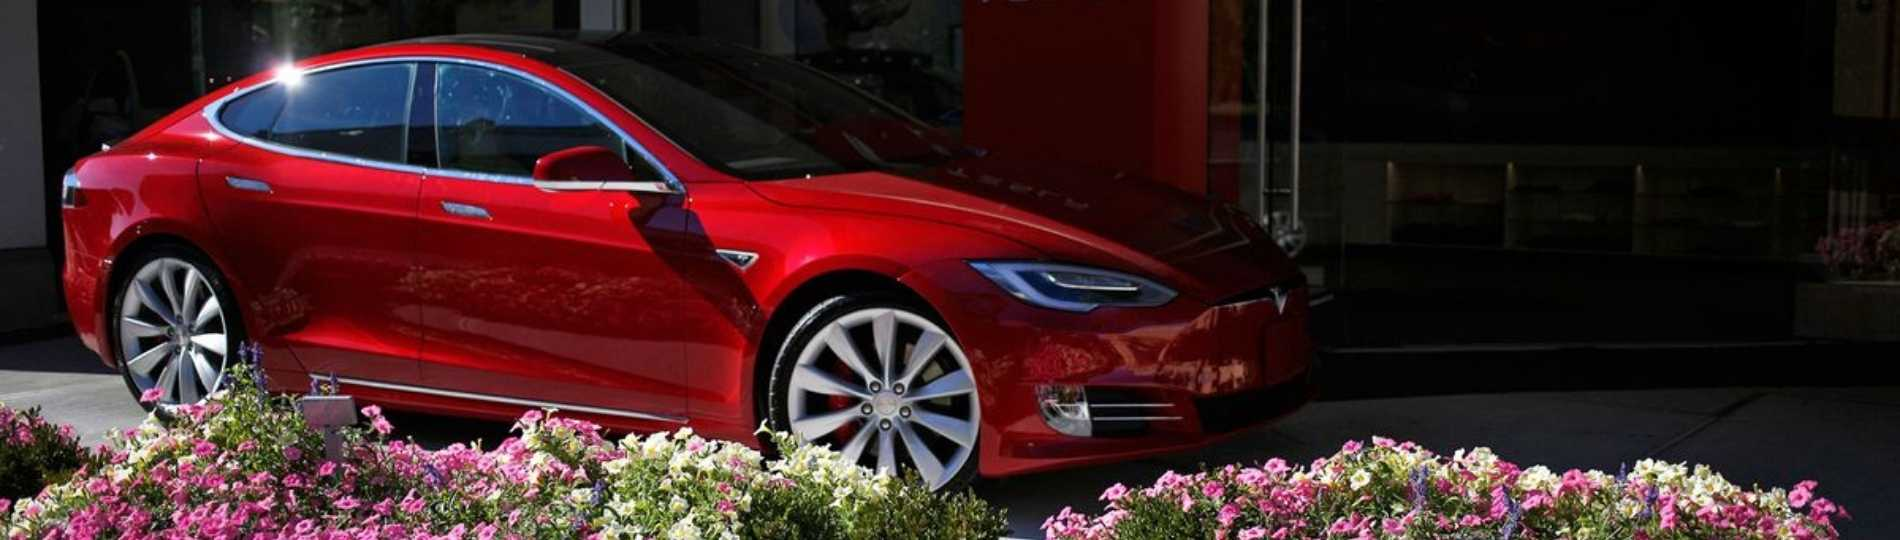 Tesla shock